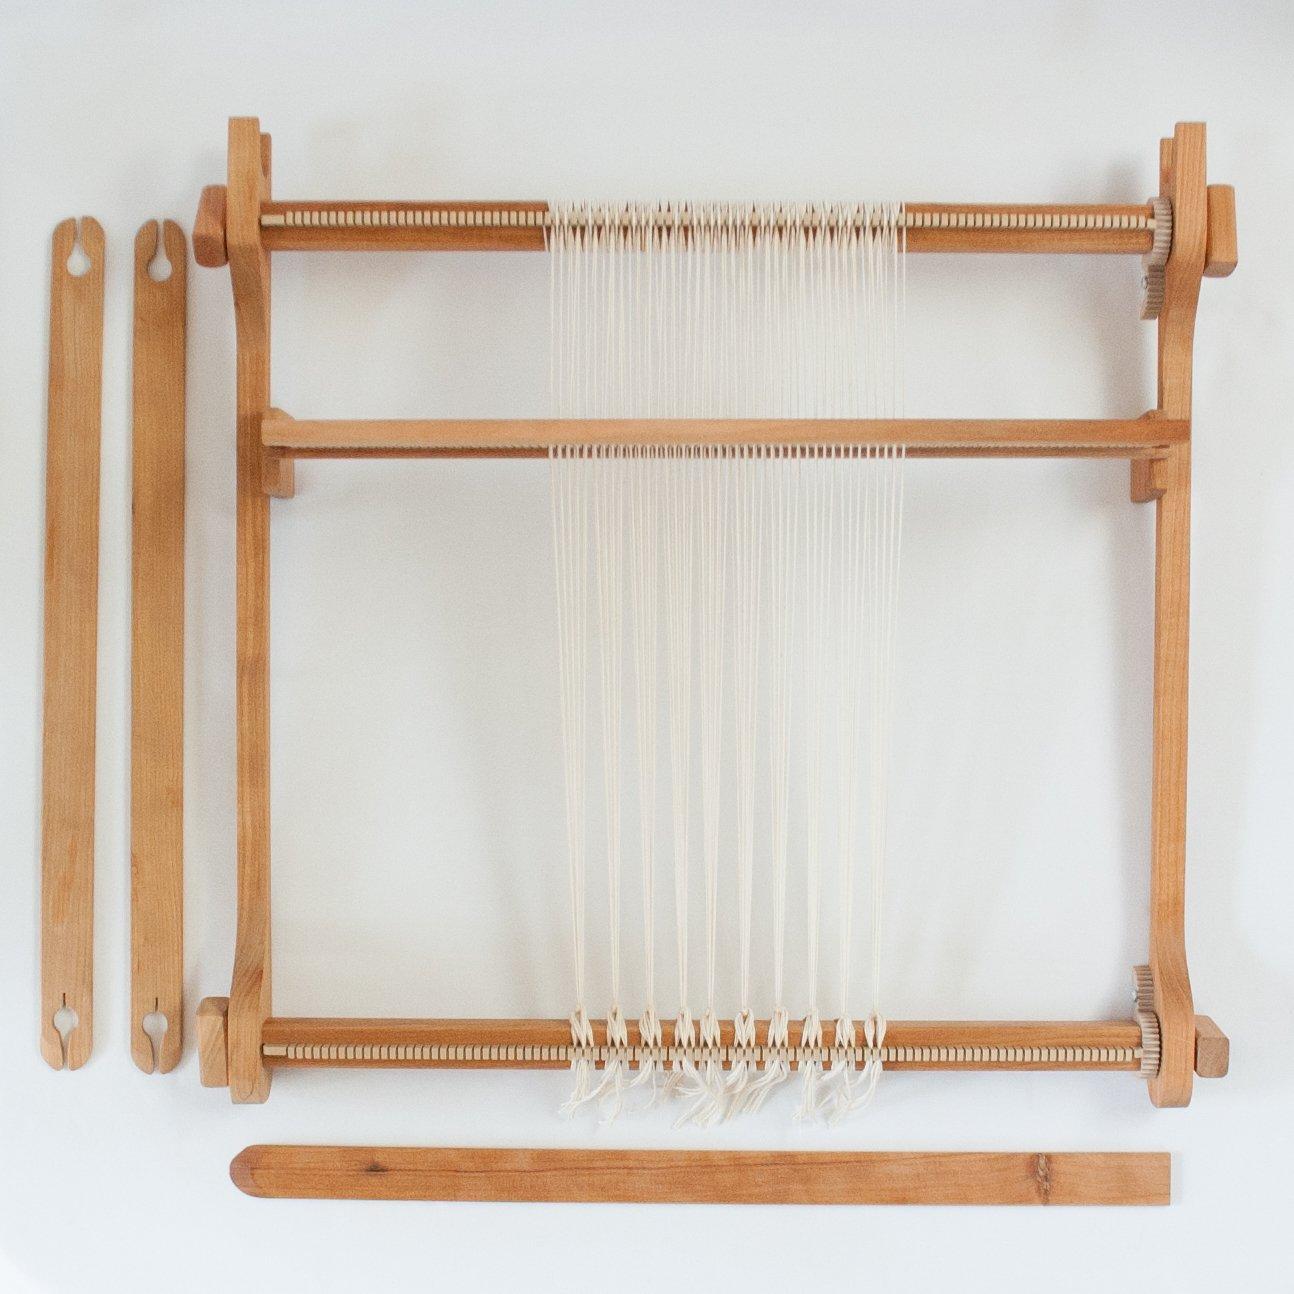 Beka Original Rigid Heddle Loom, SG-24'' by Beka (Image #8)